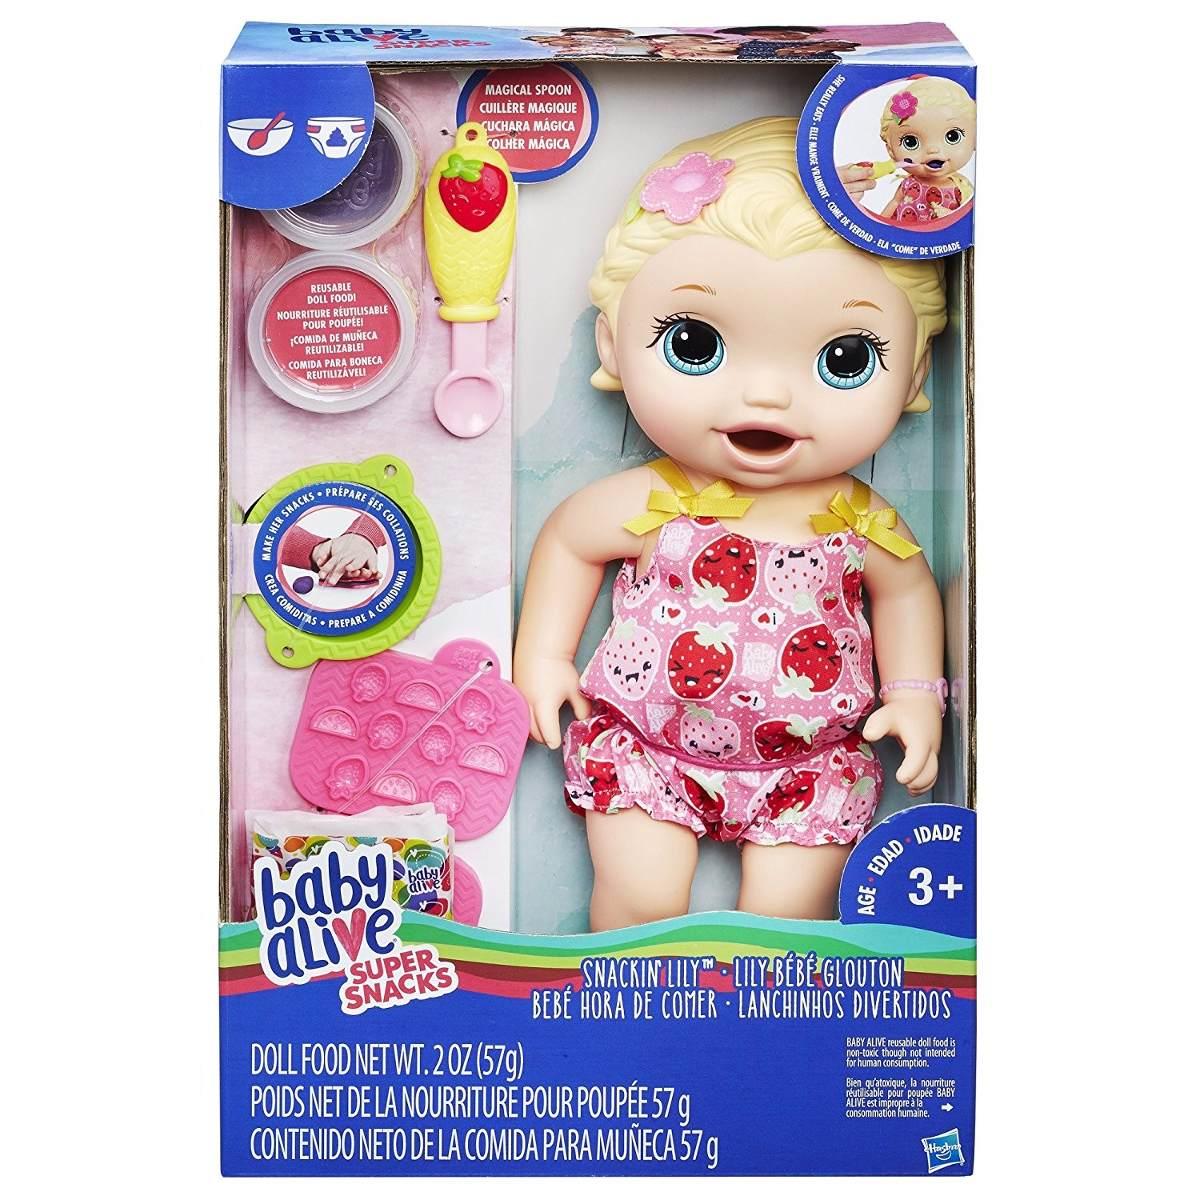 Baby Alive Lily Comiditas Divertidas 1 299 00 En